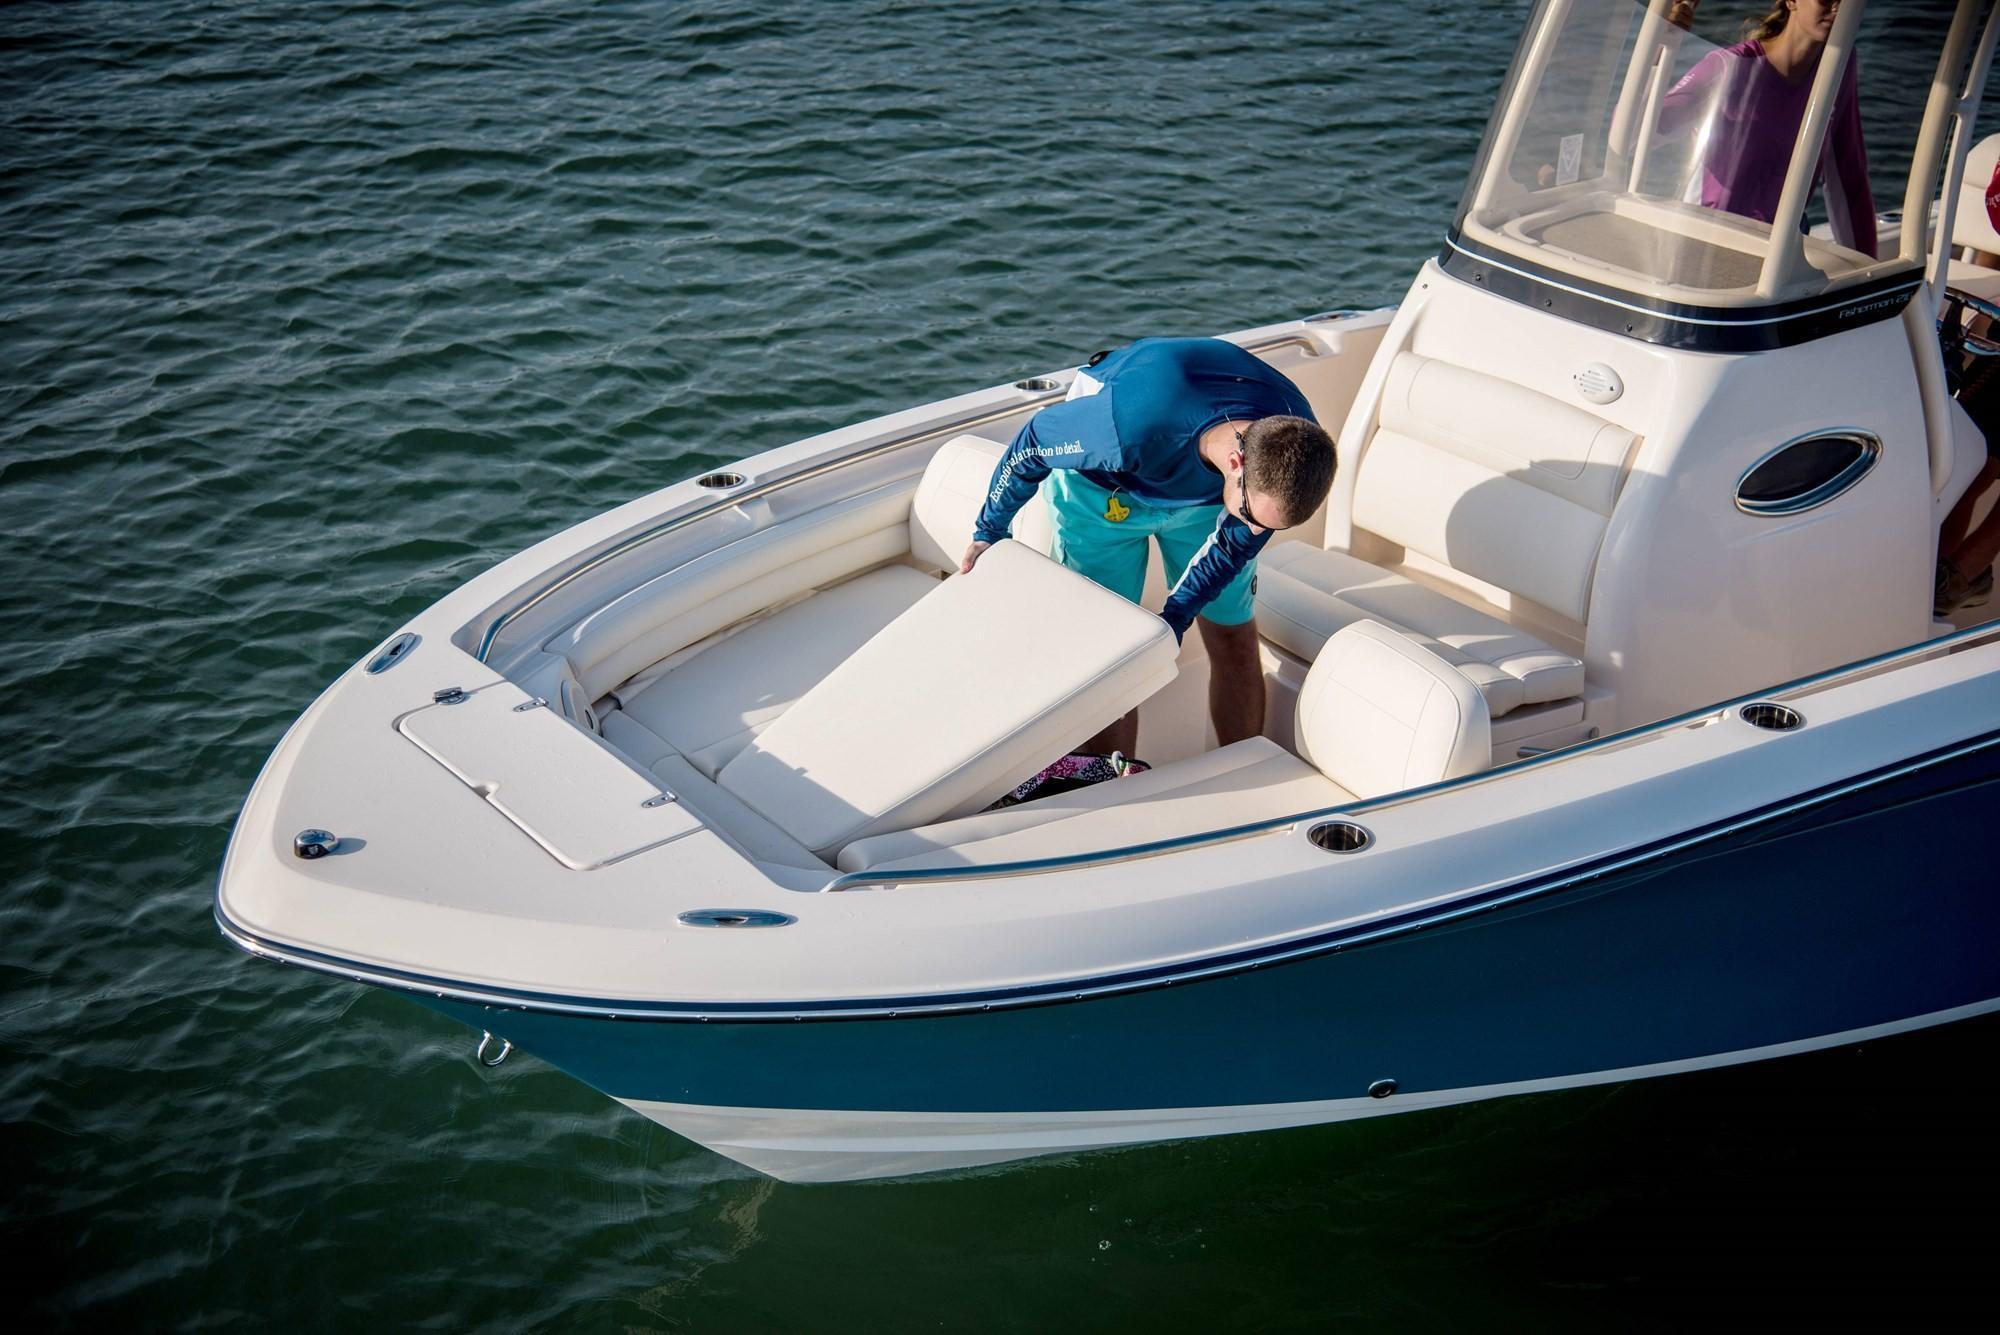 2021 Grady-White                                                              Fisherman 216 Image Thumbnail #8